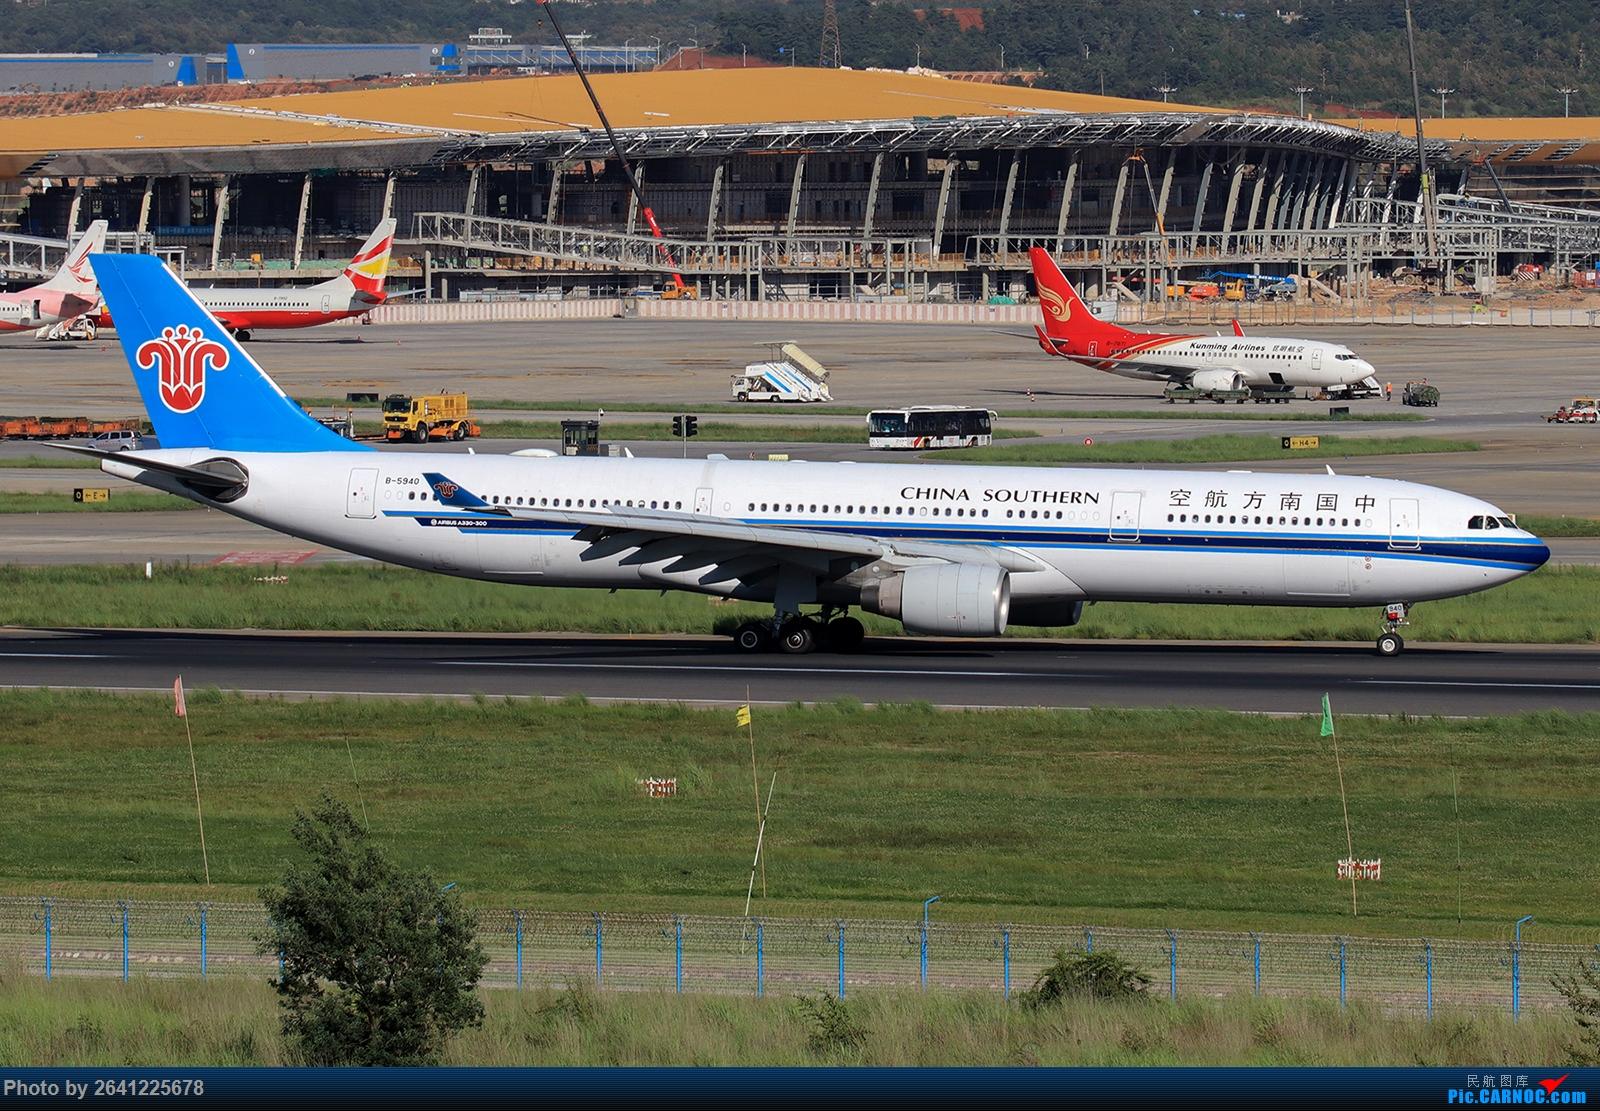 [原创]【KMG】又见长水(3)——晴天西跑,你们要的宽体都在这了*****更新完毕***** AIRBUS A330-300 B-5940 中国昆明长水国际机场